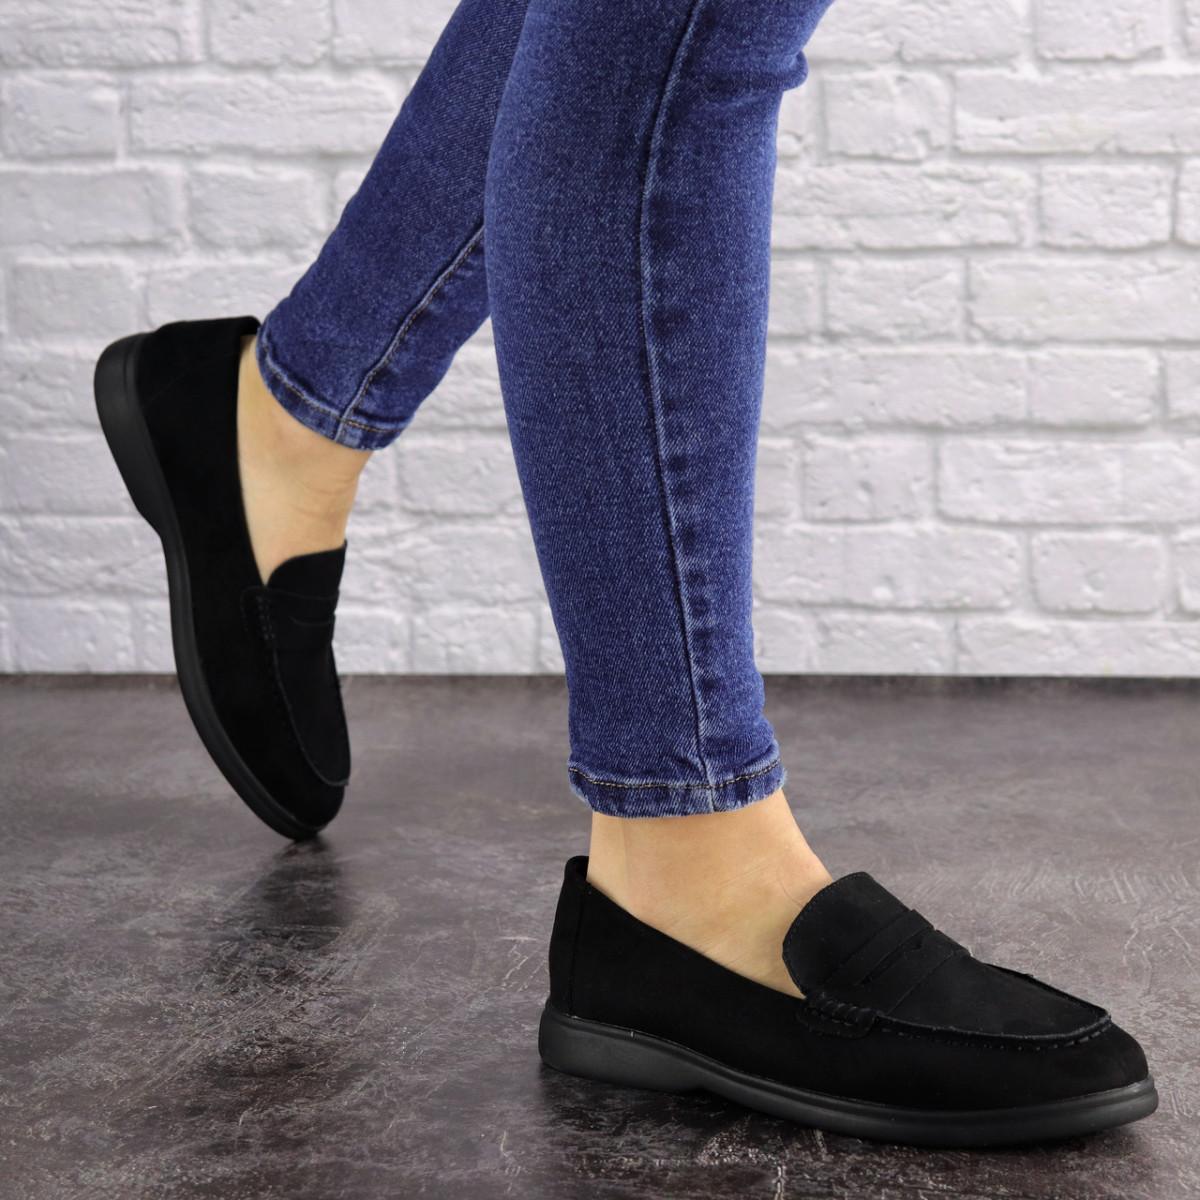 Женские туфли Rusty черные 1630 (36 размер)